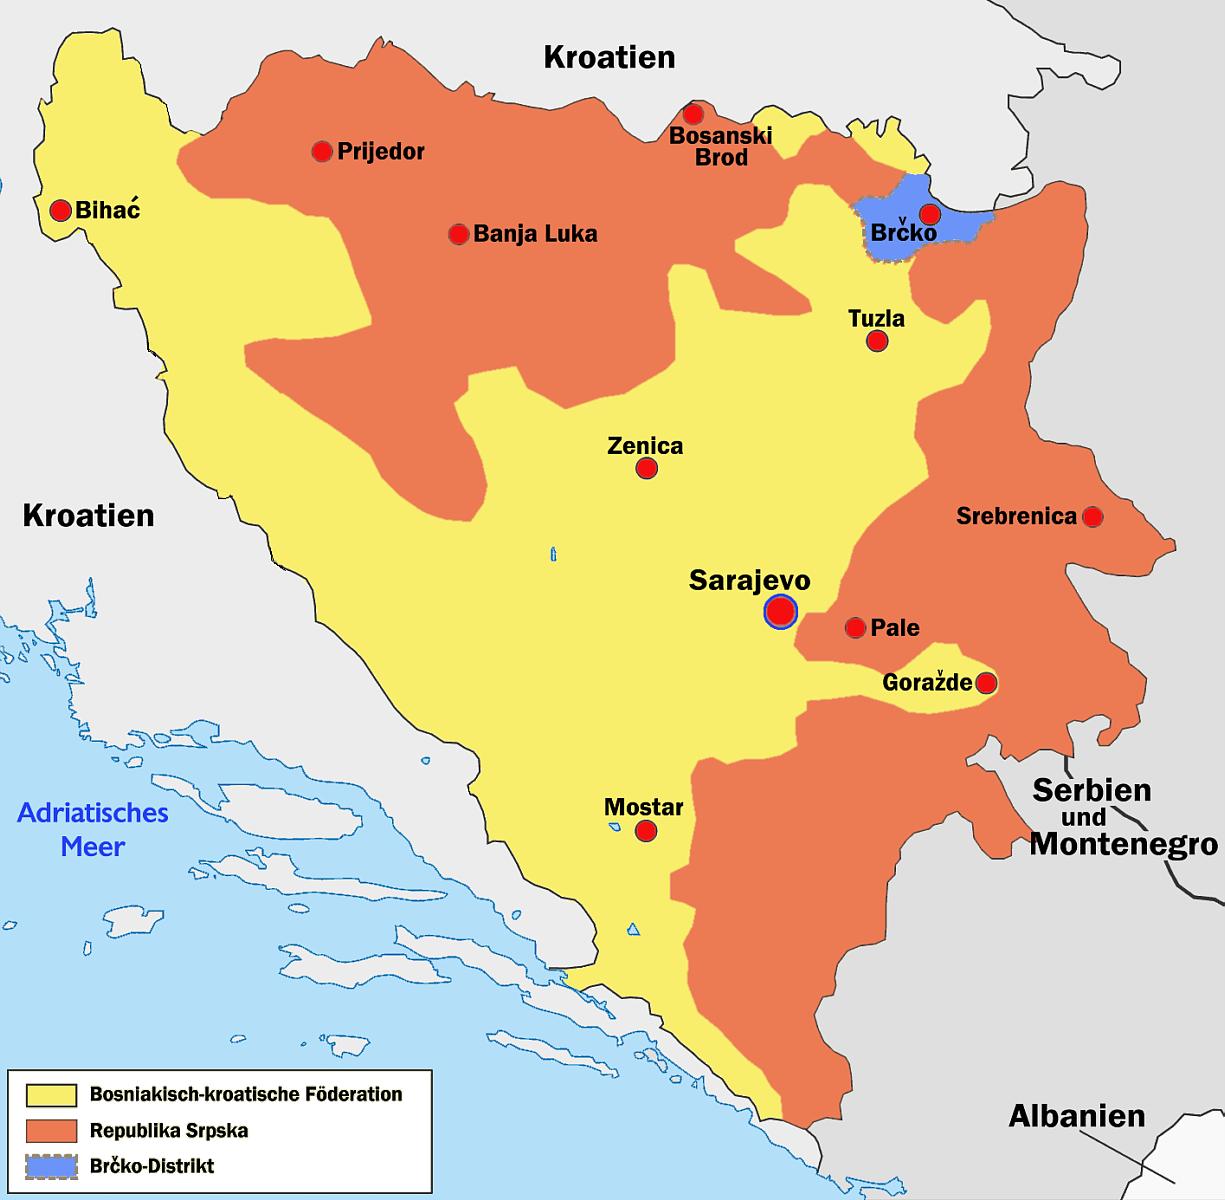 belgien bosnien